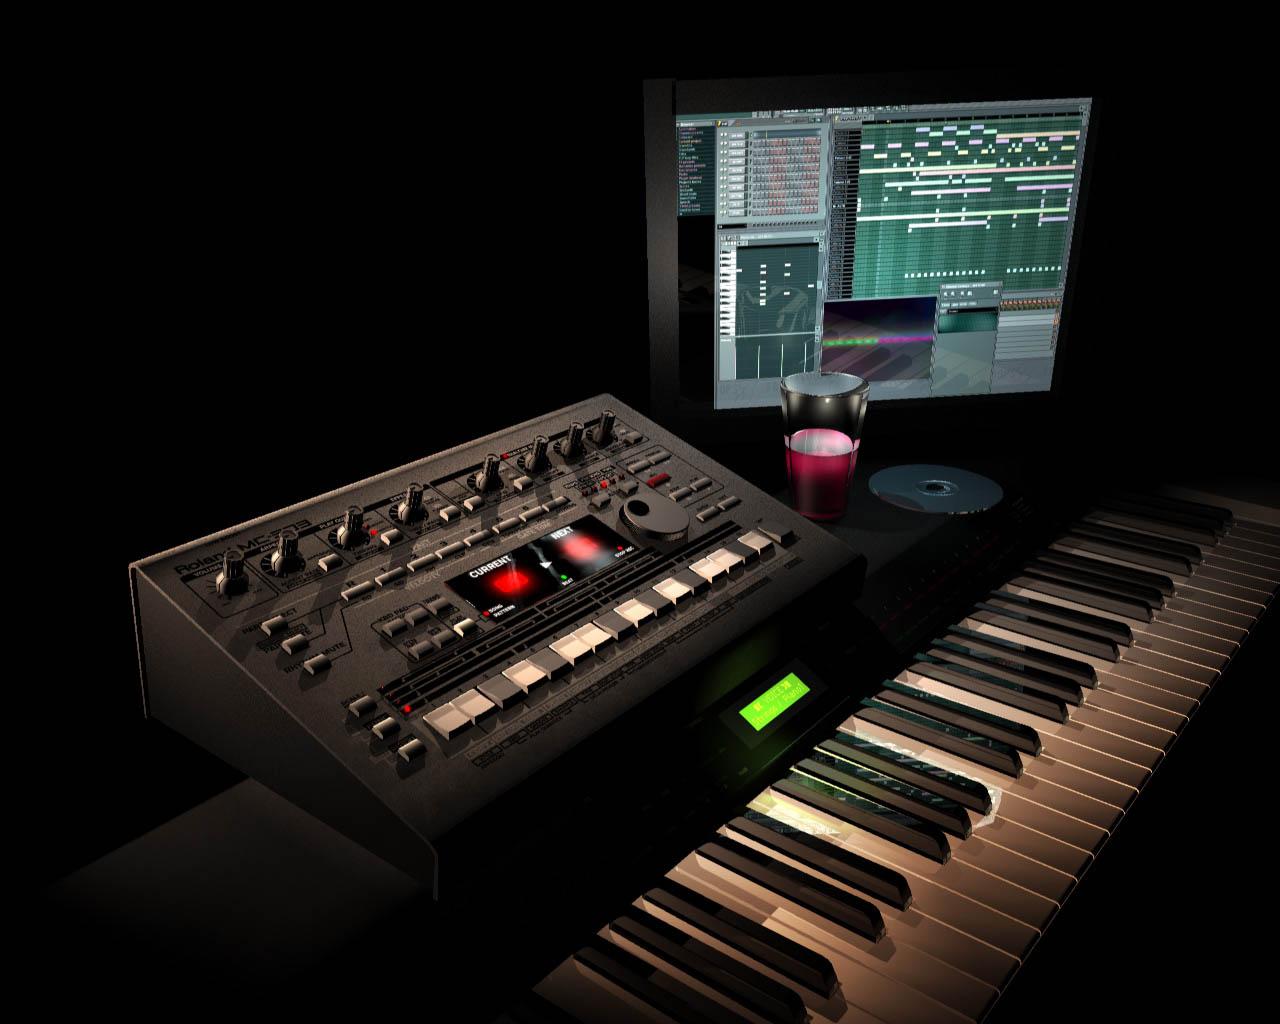 fruity loops studio old version